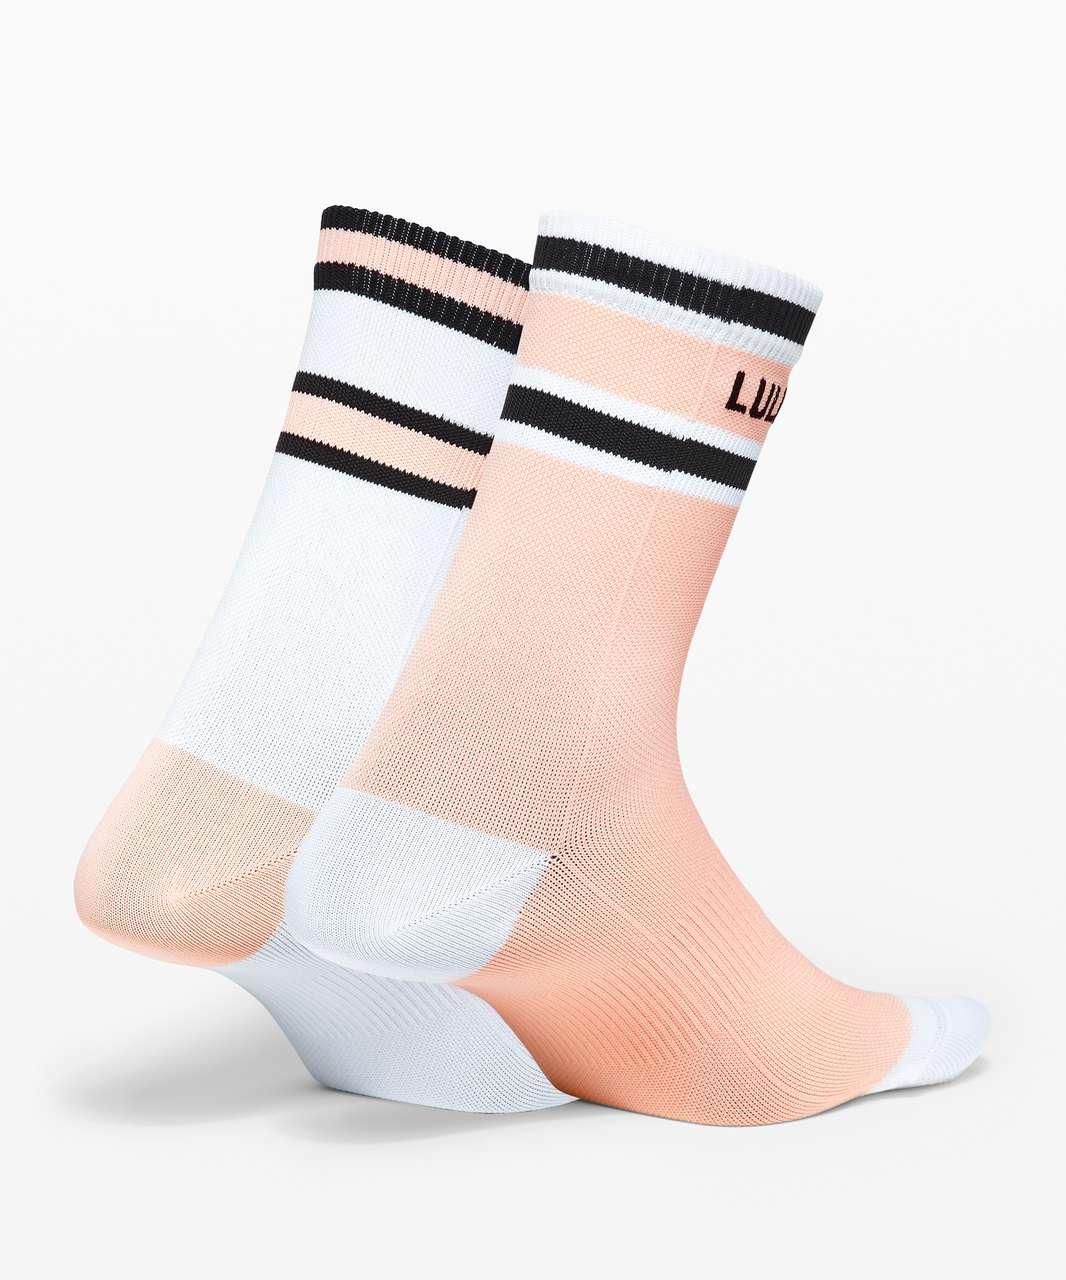 Lululemon Tale To Tell Quarter Sock *2 Pack - White / Ballet Slipper / Black